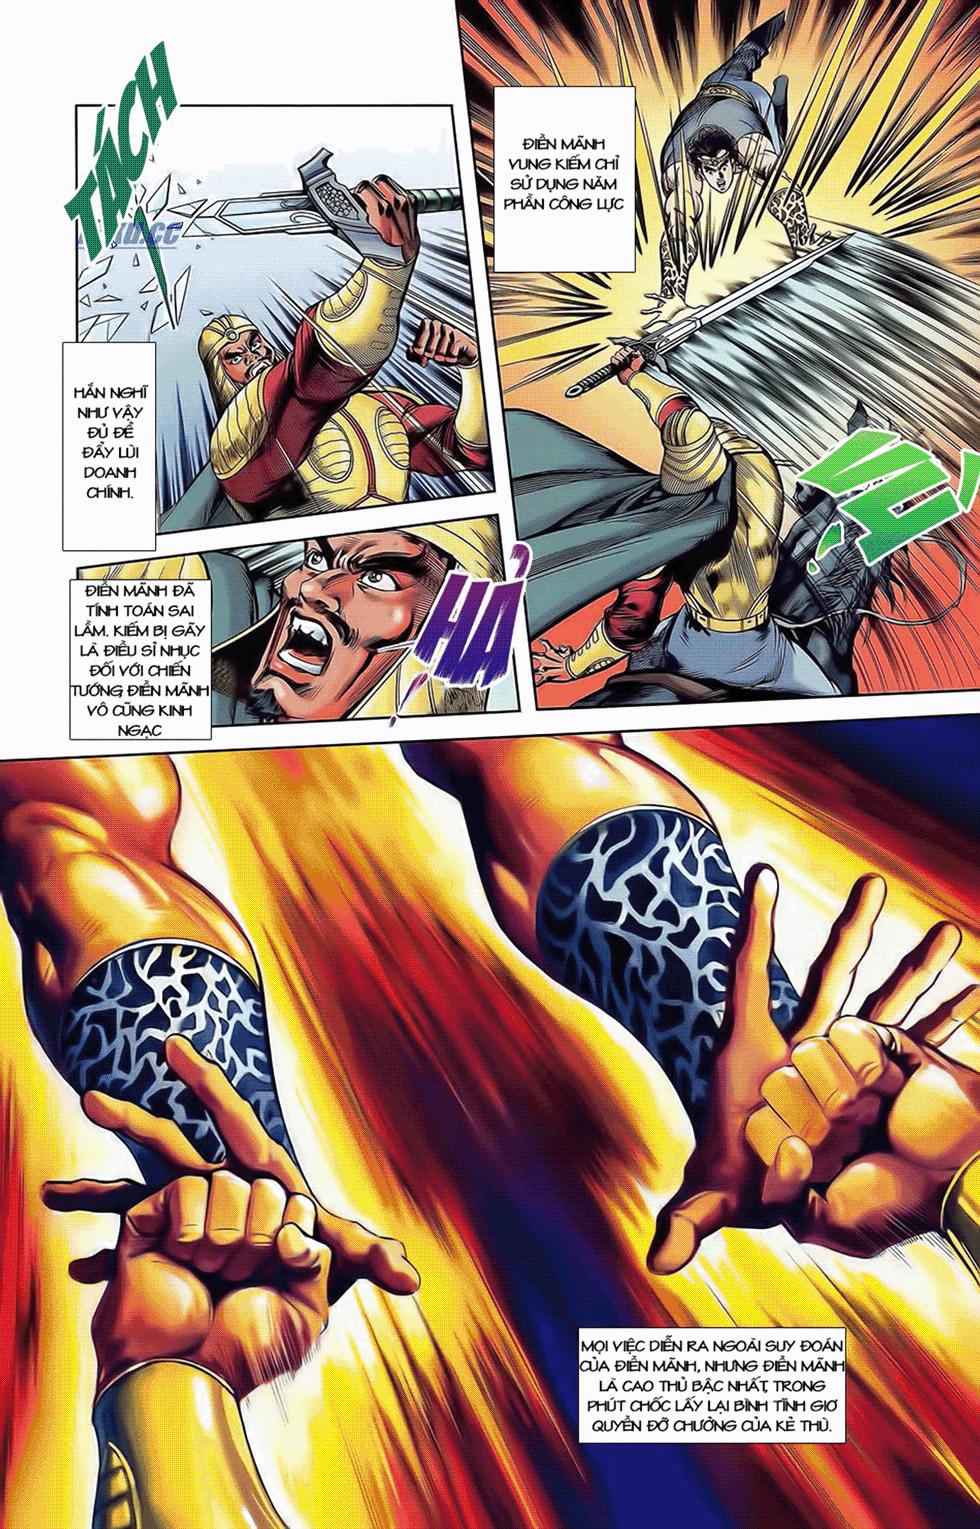 Tần Vương Doanh Chính chapter 9 trang 19